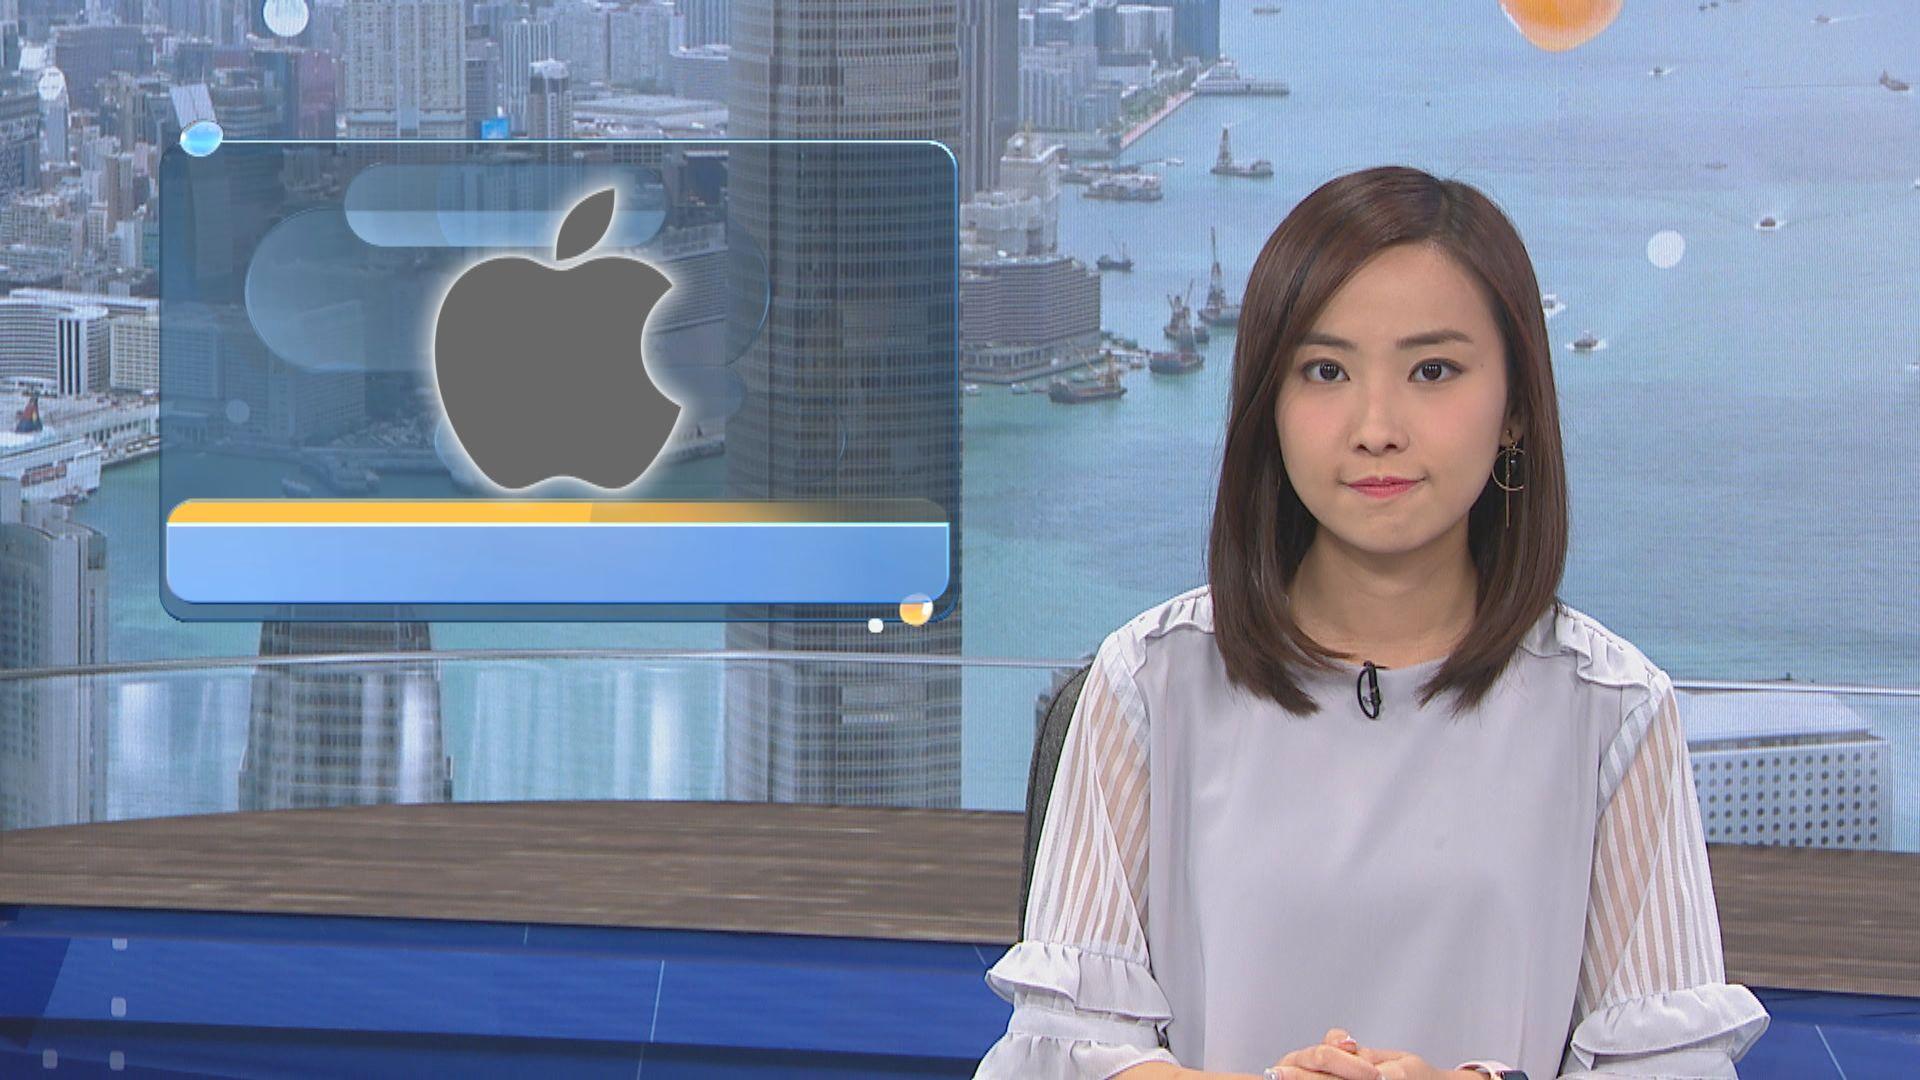 傳蘋果調查廣達電腦涉內地非法聘用學生